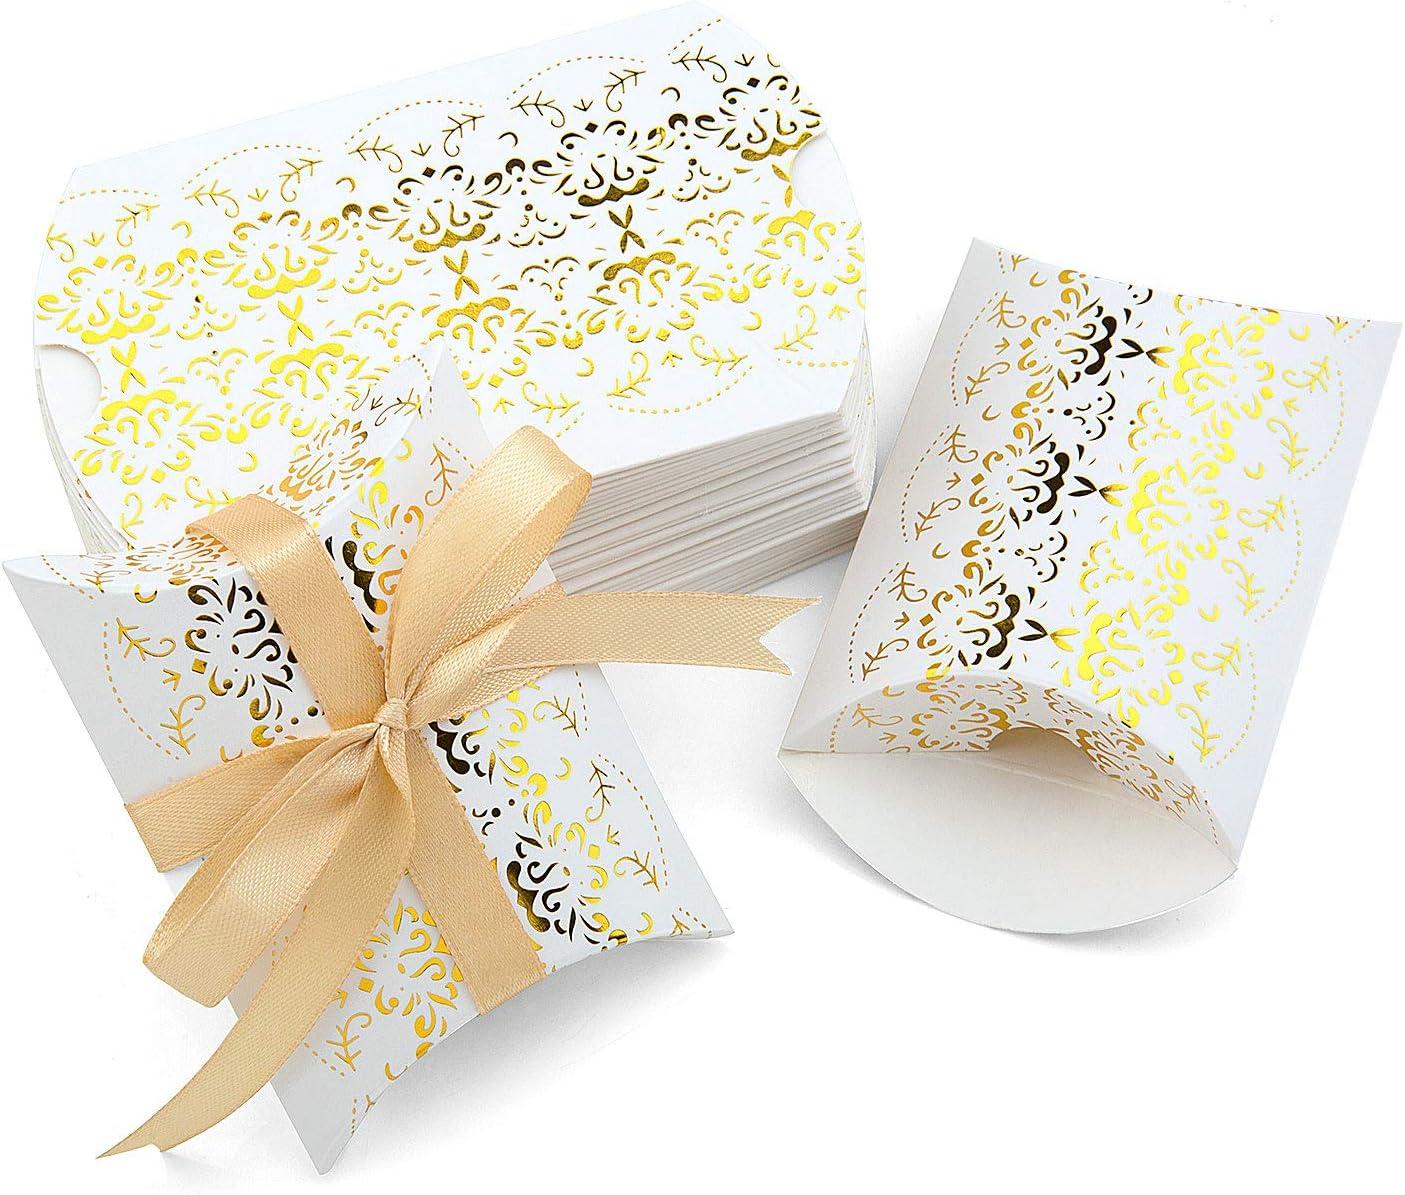 Vordas Welecoco Caja de Almohada de Papel de Dulces, 50 Piezas Cajas de Boda Candy, Almohada Cajas de Regalo, Caja de Regalo para Caramelos Regalo Bombones Dulce